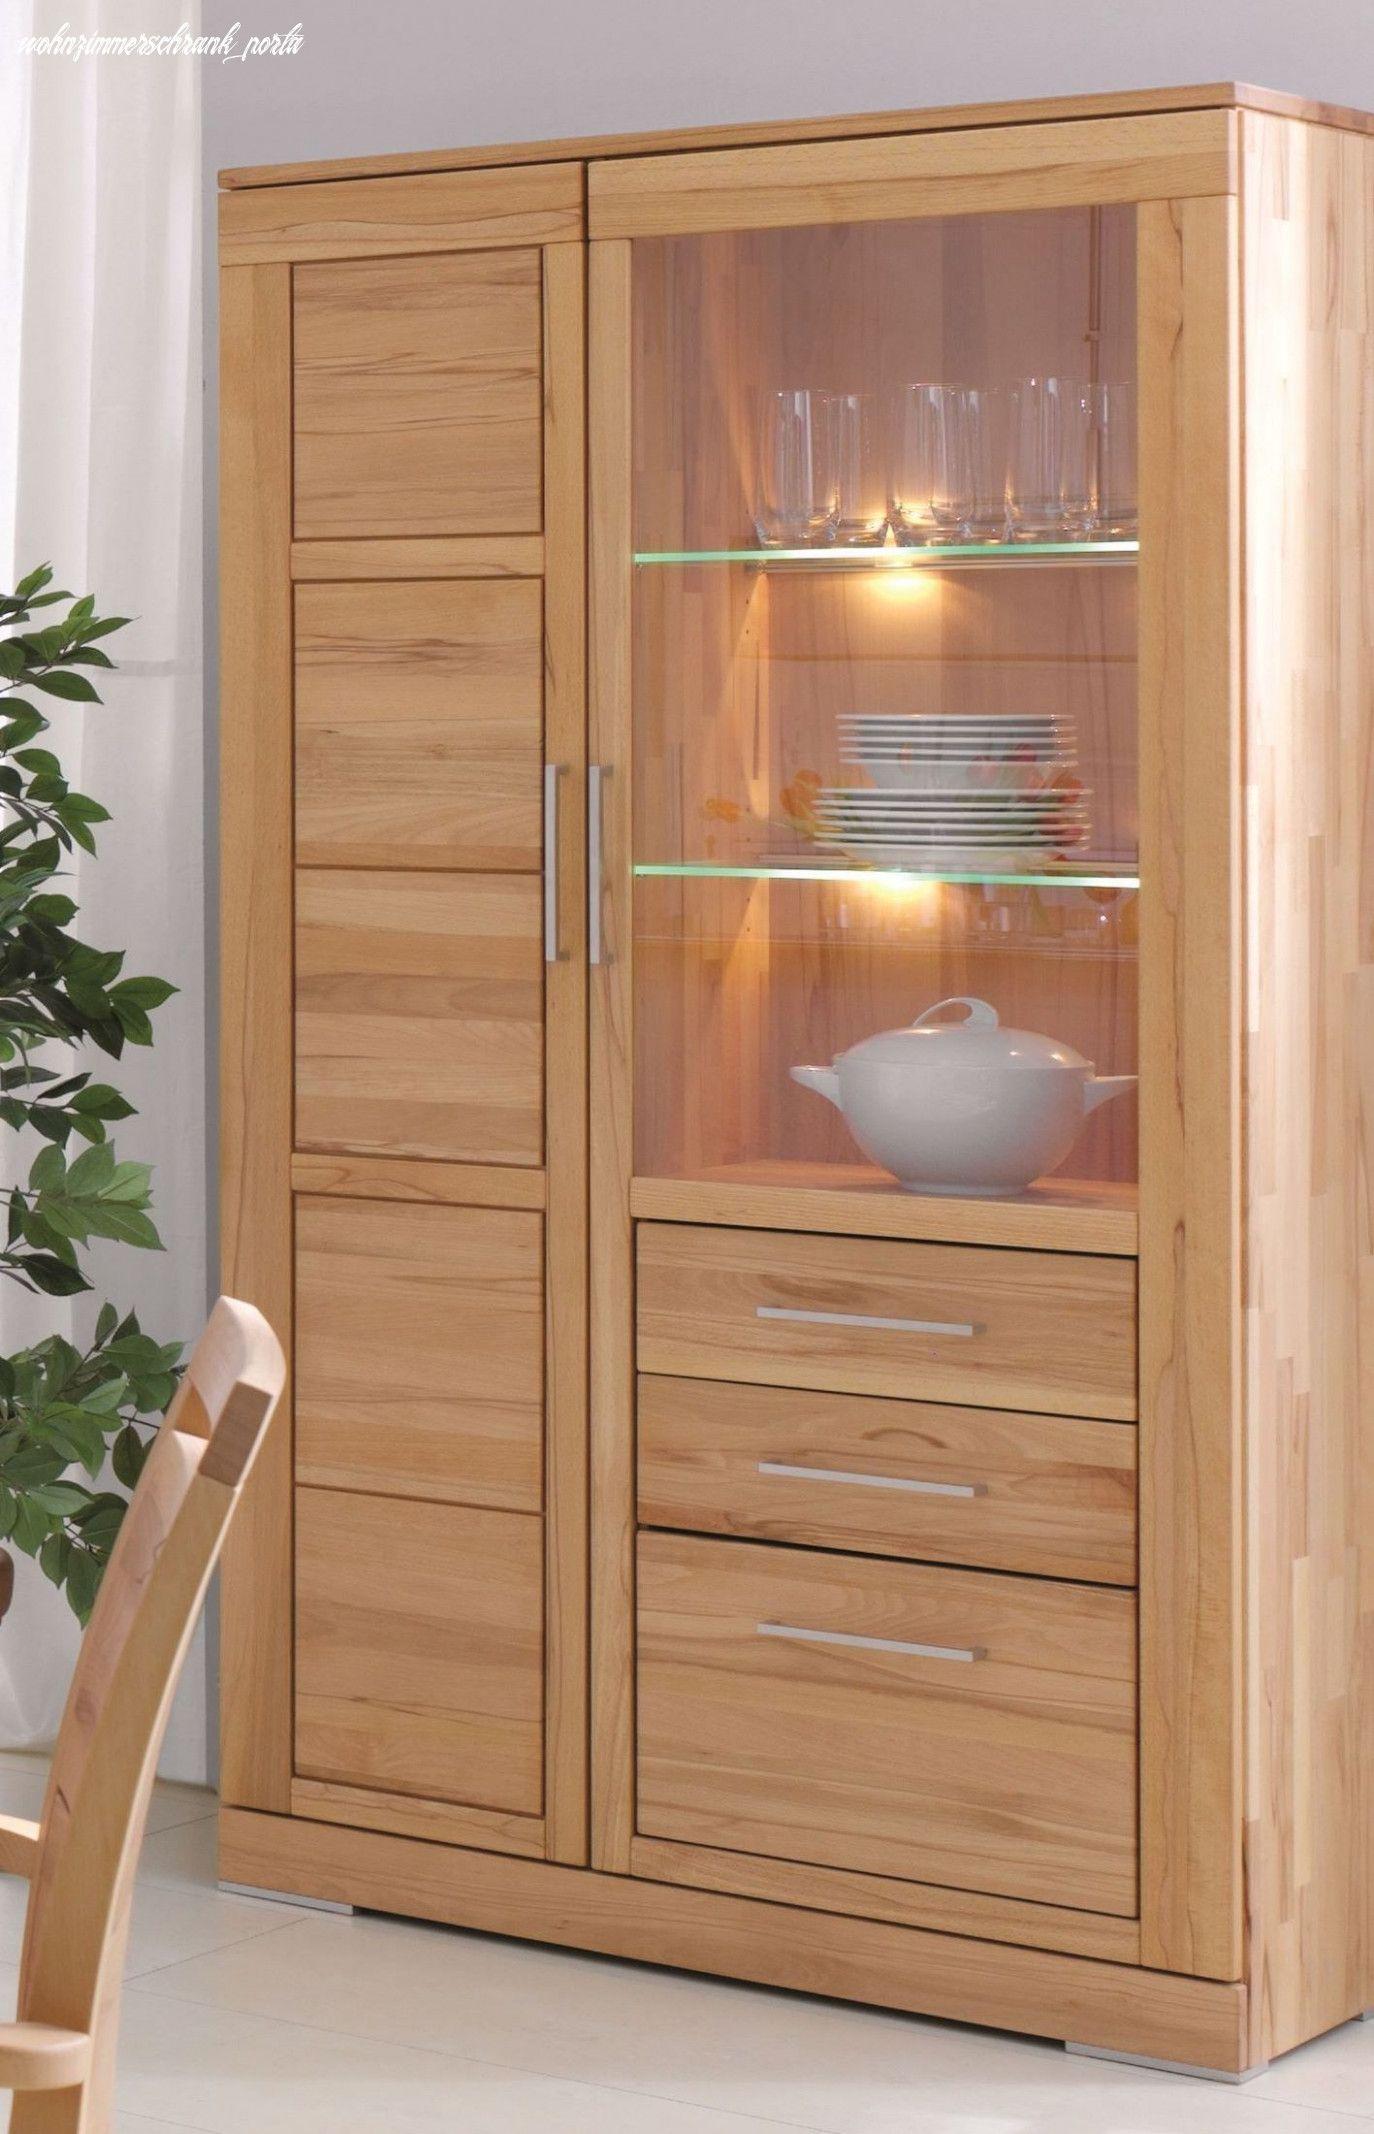 So Wird Die Wohnzimmerschrank Porta In 5 Jahren Aussehen in 5